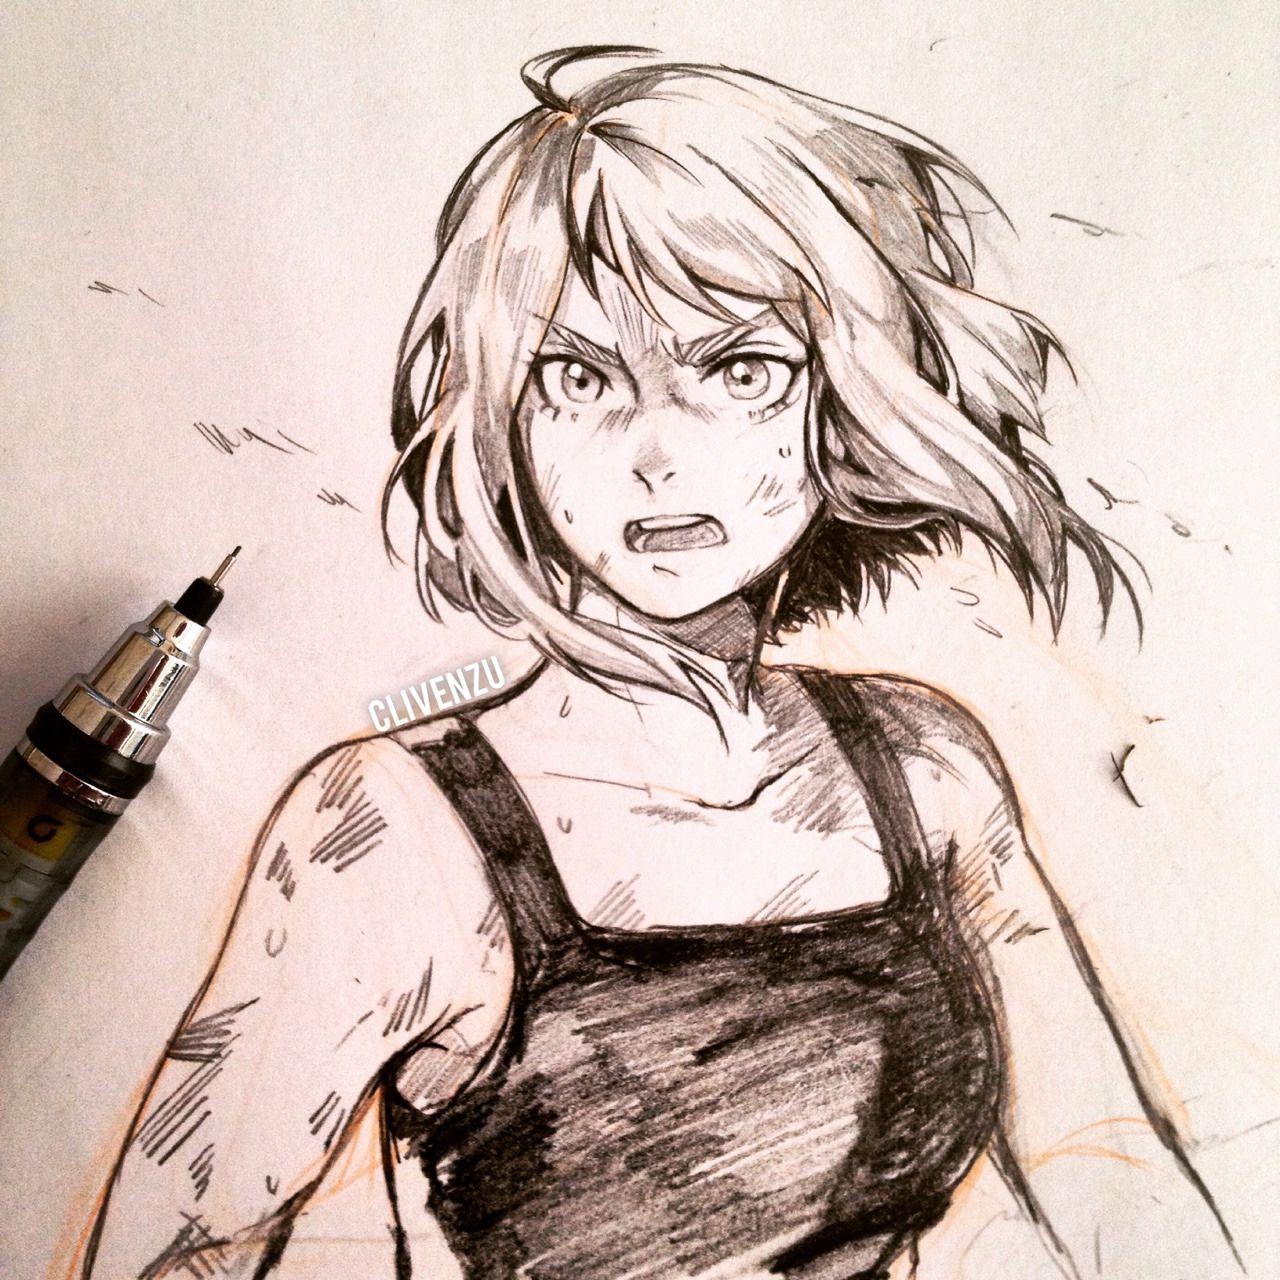 Uraraka Ochako (Dibujo/Drawing